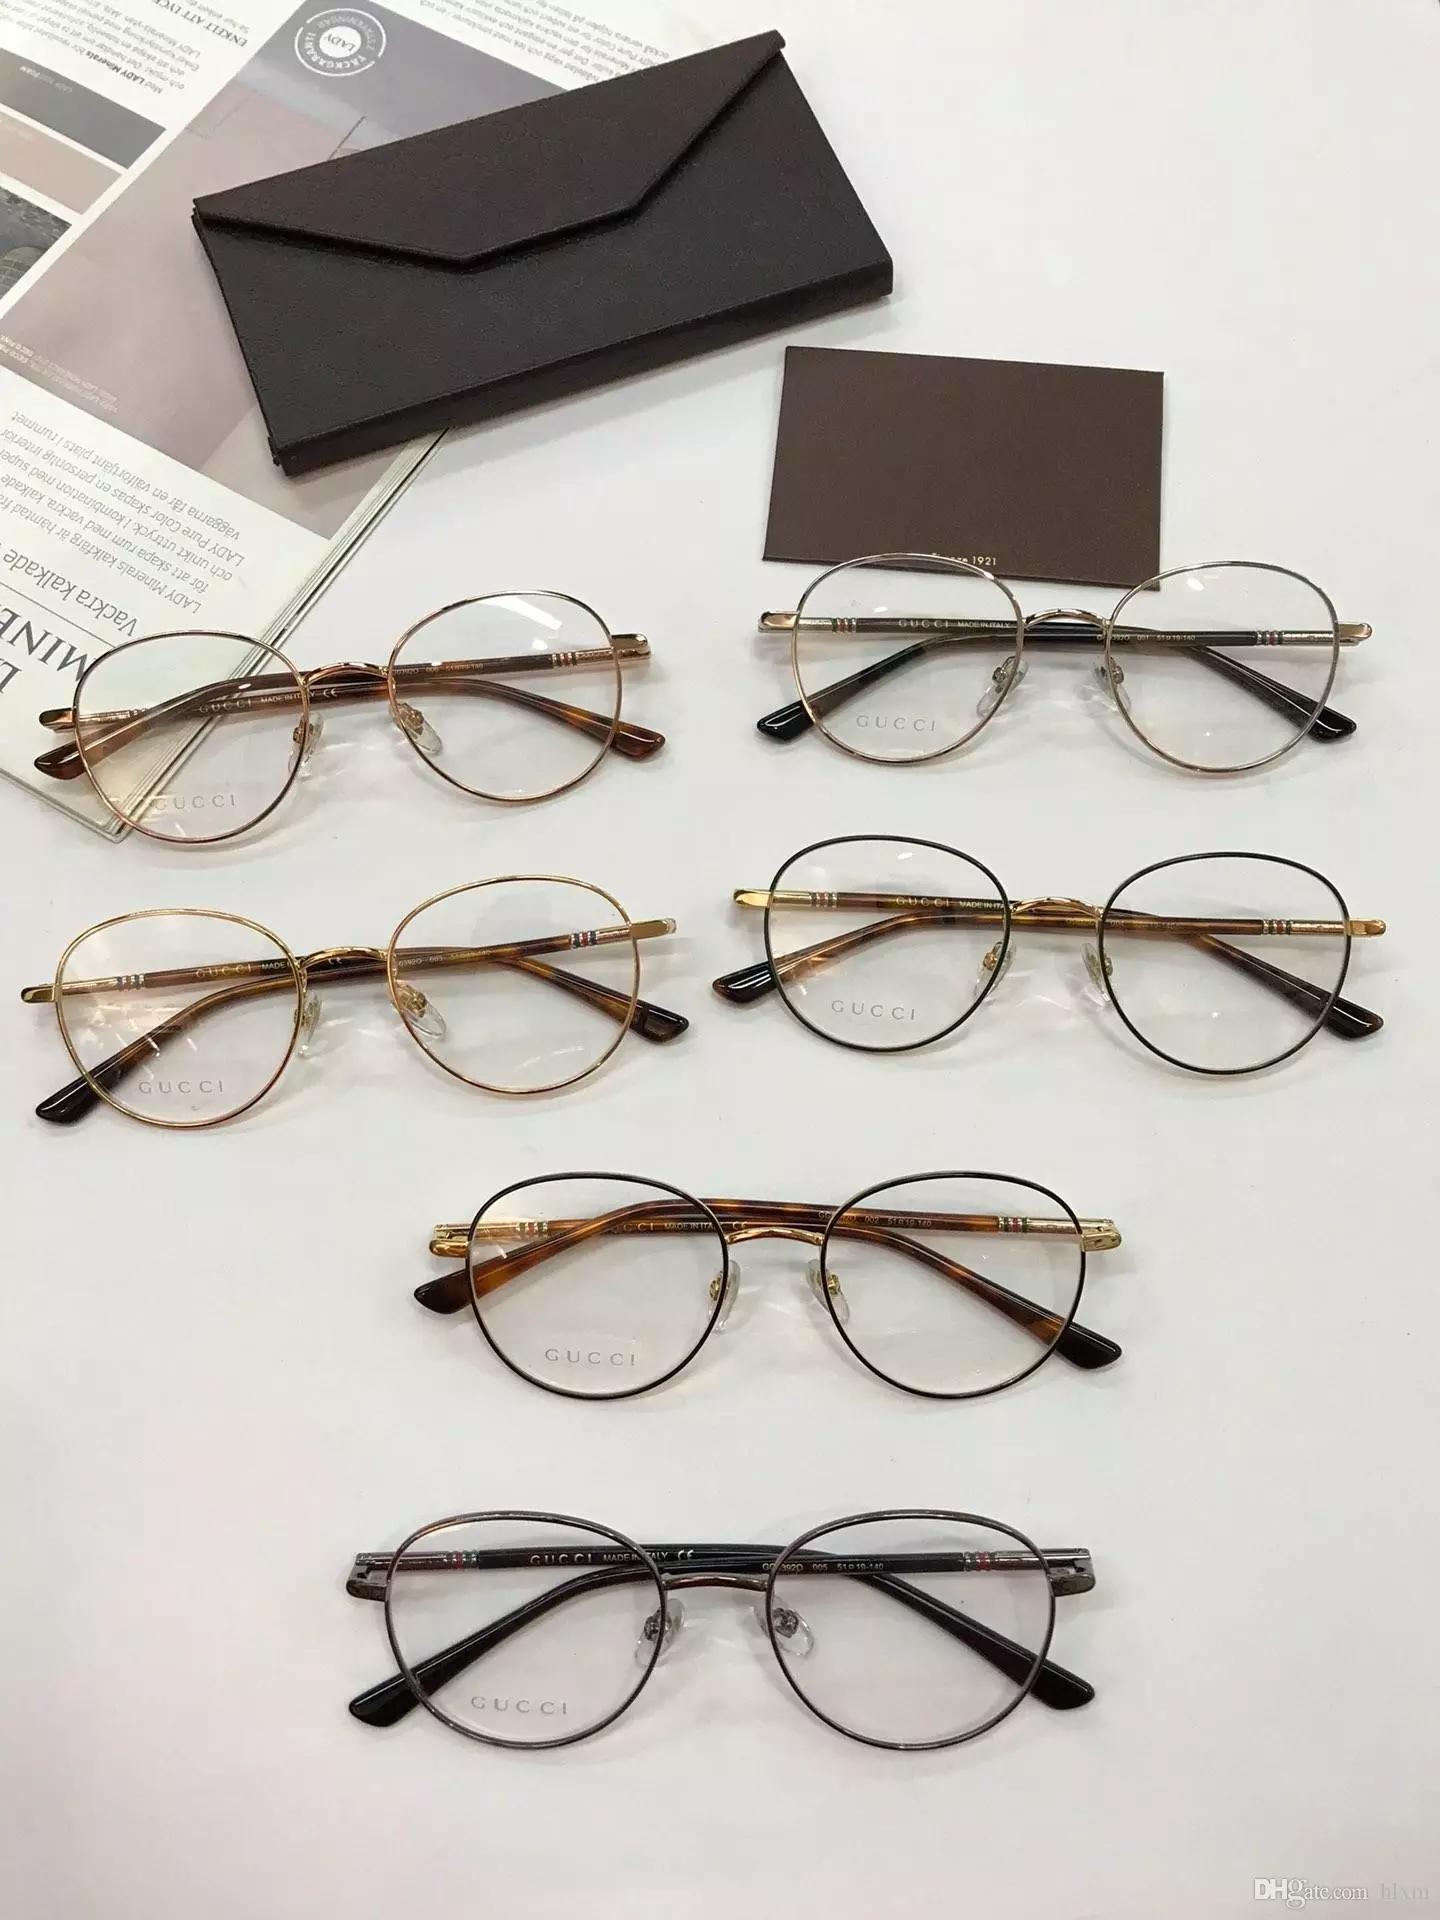 b197527342 Compre Diseño De Marca 2018 Montura De Gafas Ópticas Modelo De Calidad High  End Clásico GG0392 Tamaño 51 19 140 Monturas De Gafas Para Hombre Y Mujer A  ...